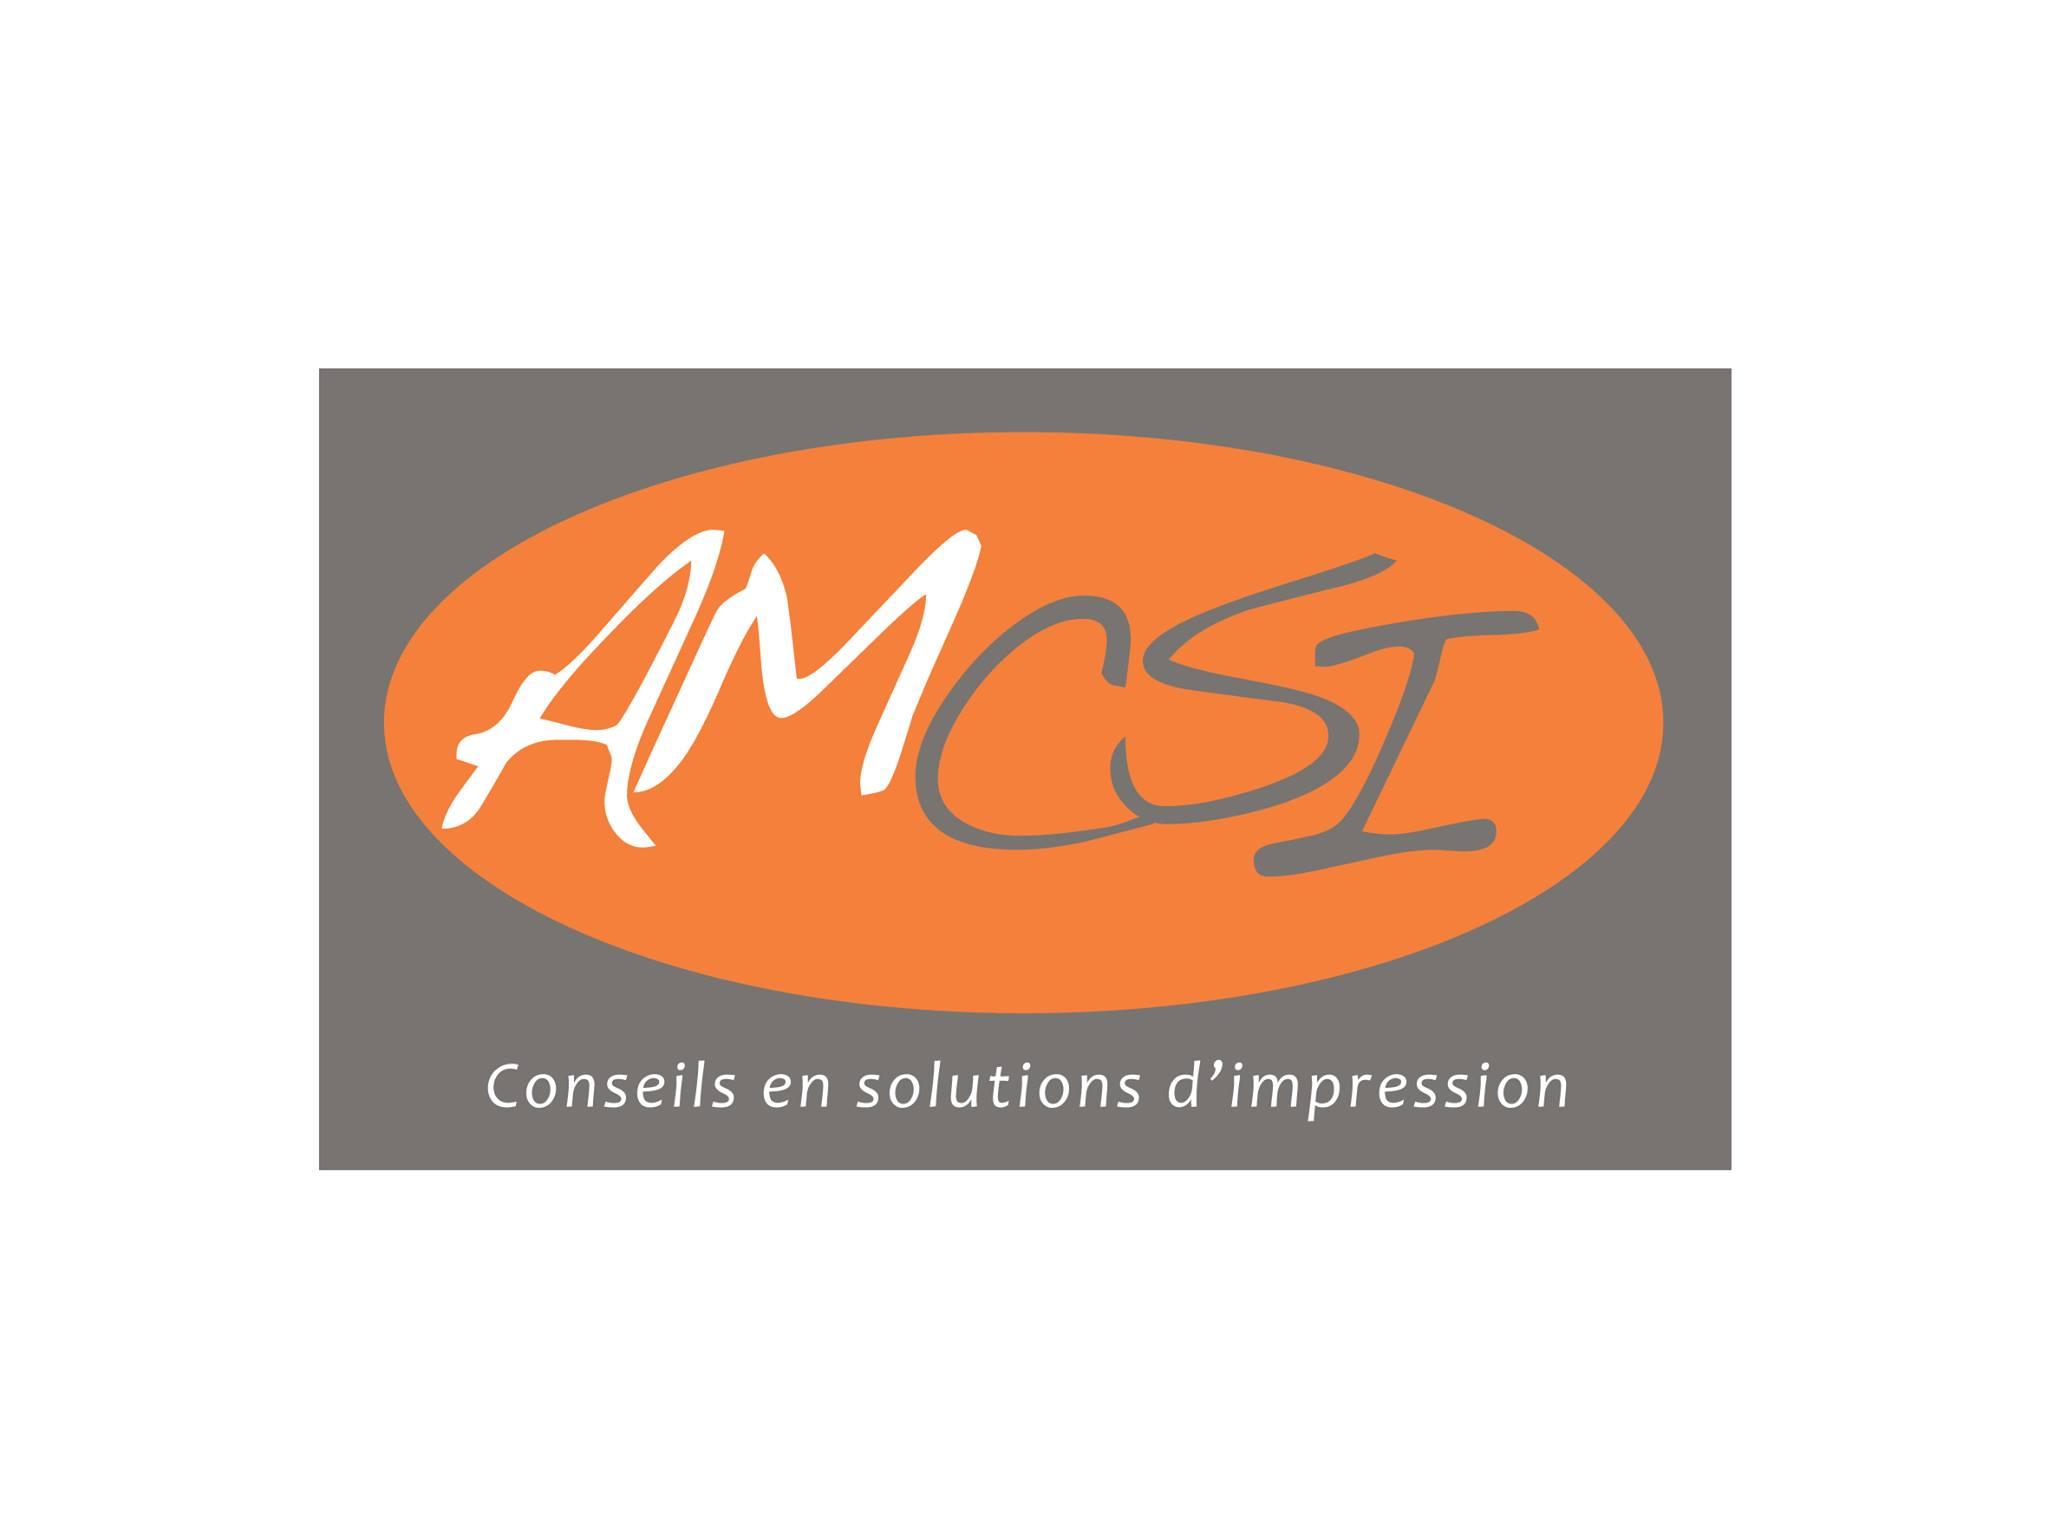 AMCSI - Conseils en solutions d'impression